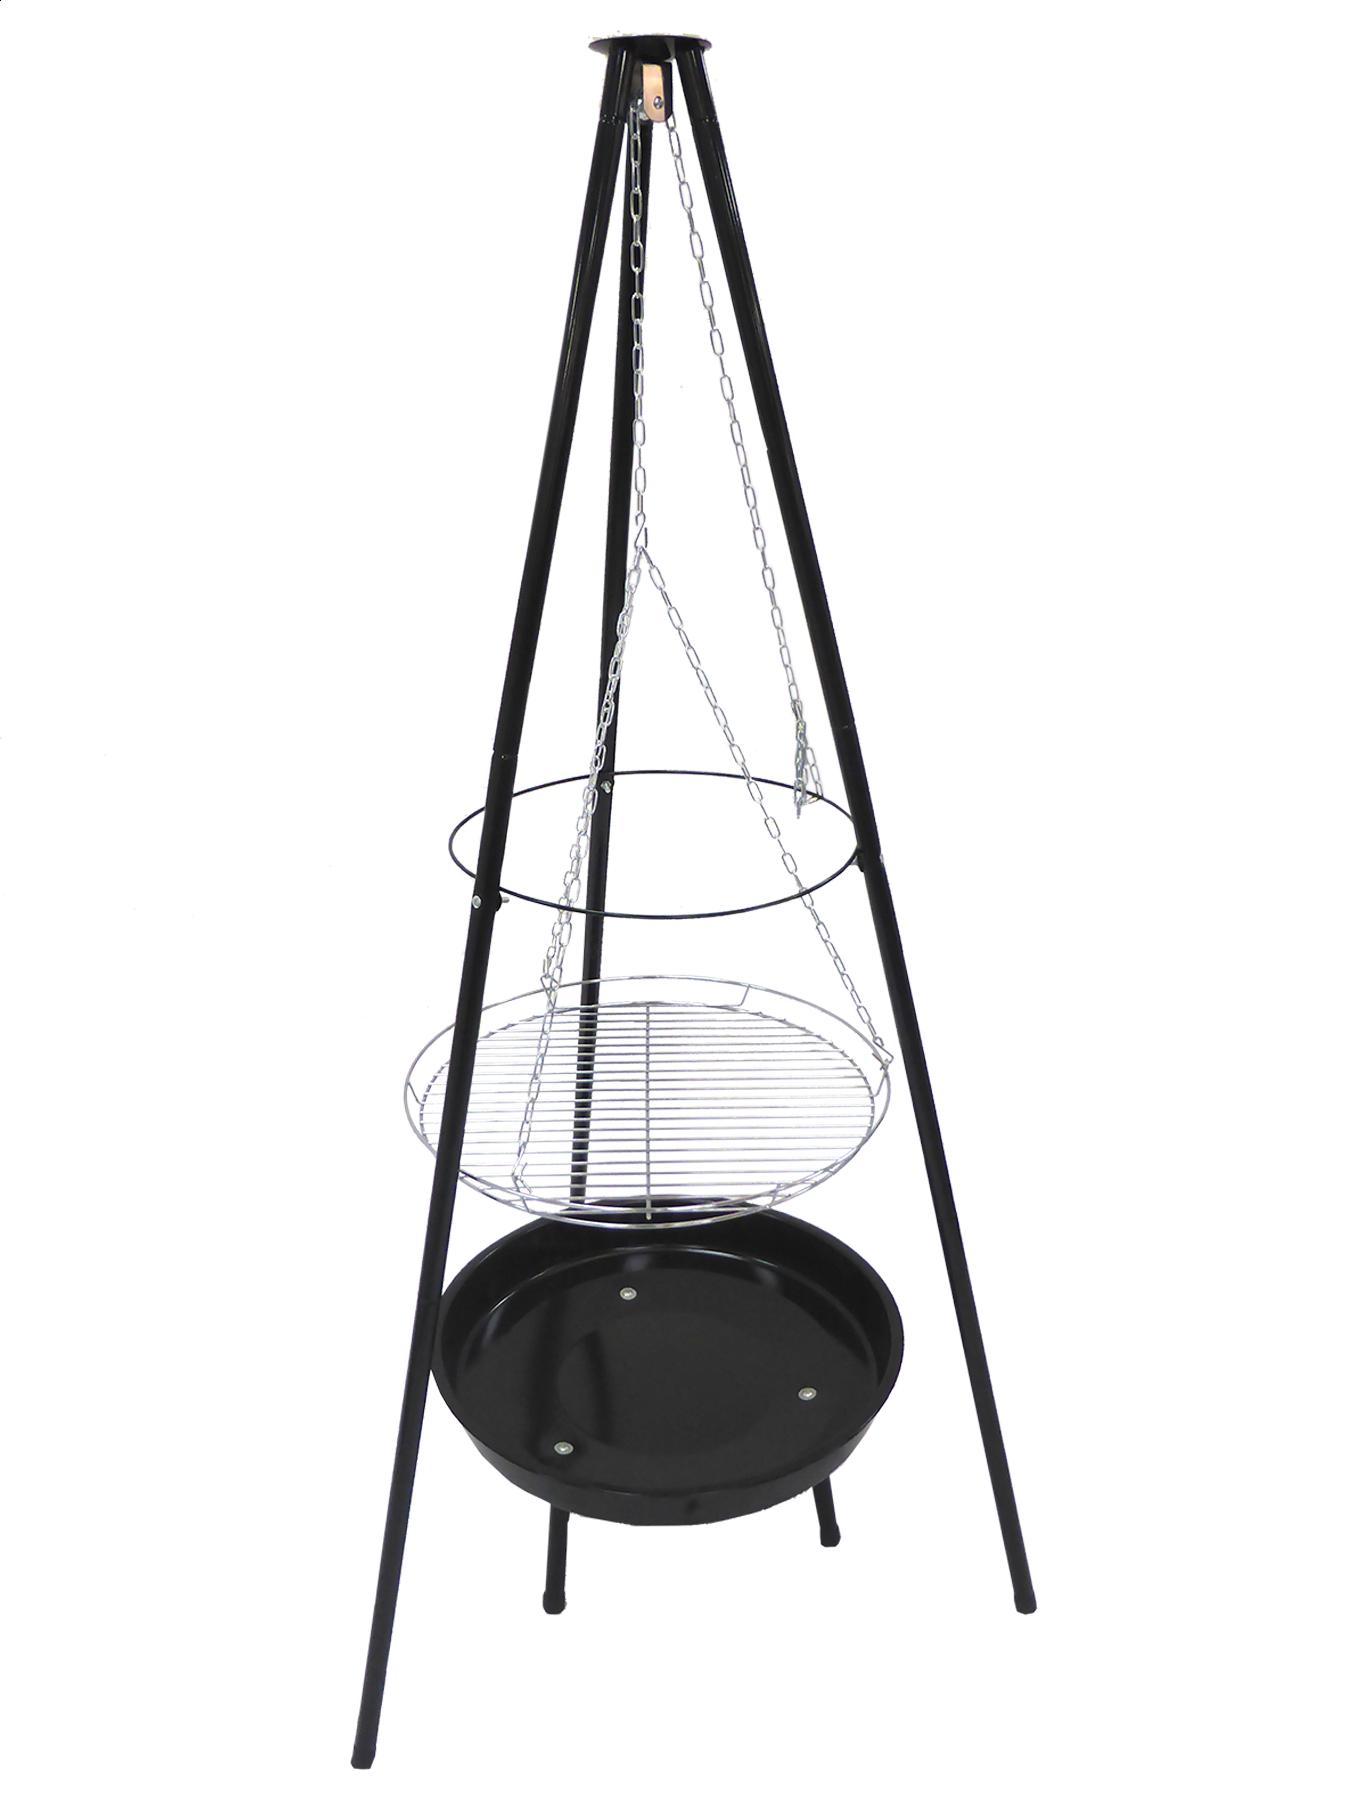 Węglowy grill wiszący na trójnogu 99524 52cm Toya